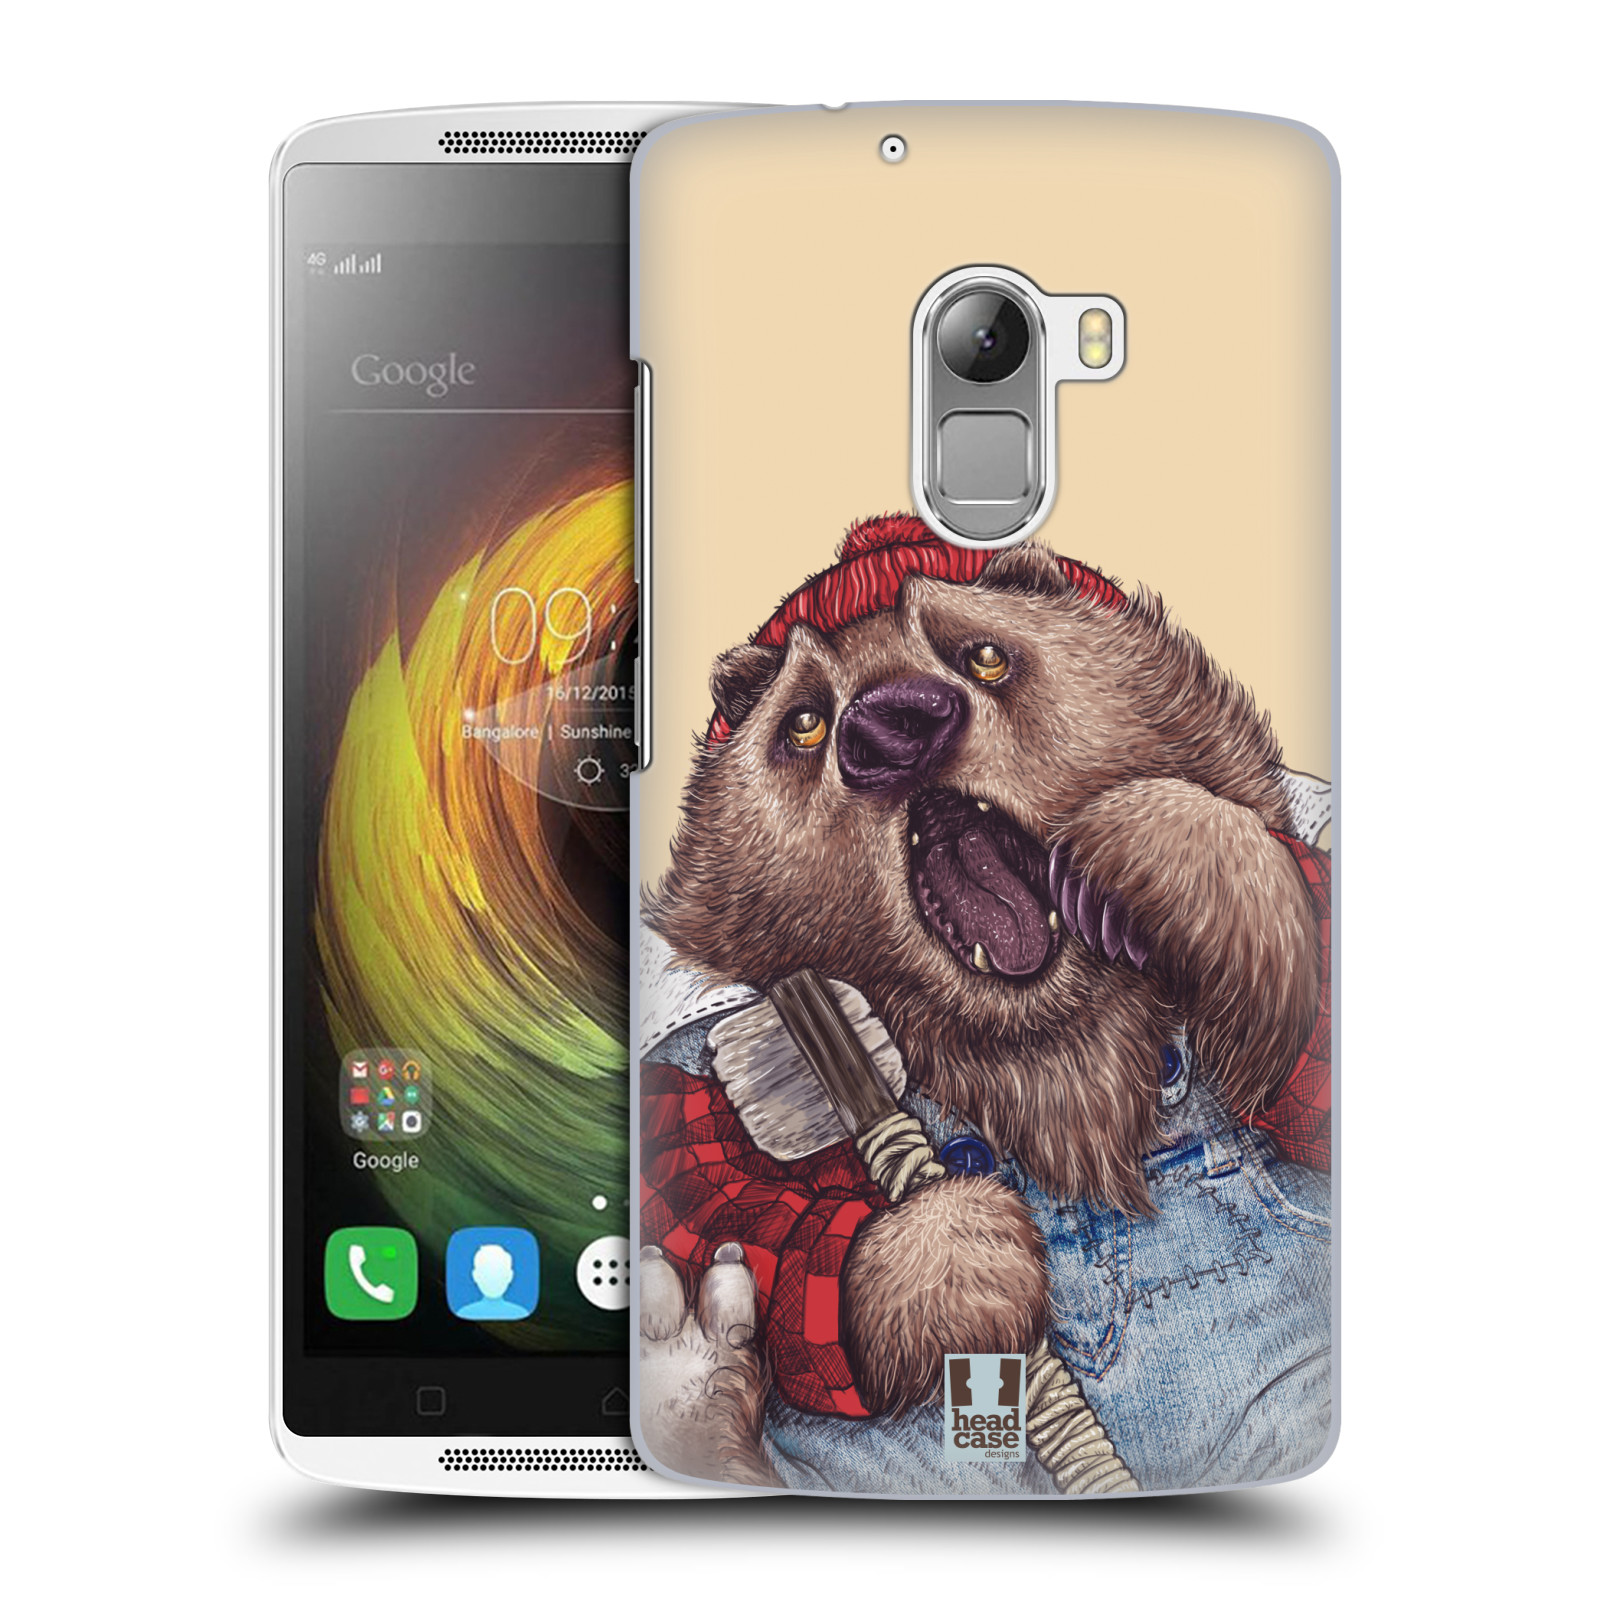 HEAD CASE pevný plastový obal na mobil LENOVO A7010 / A7010 DUAL / K4 Note / Vibe X3 lite vzor Kreslená zvířátka medvěd